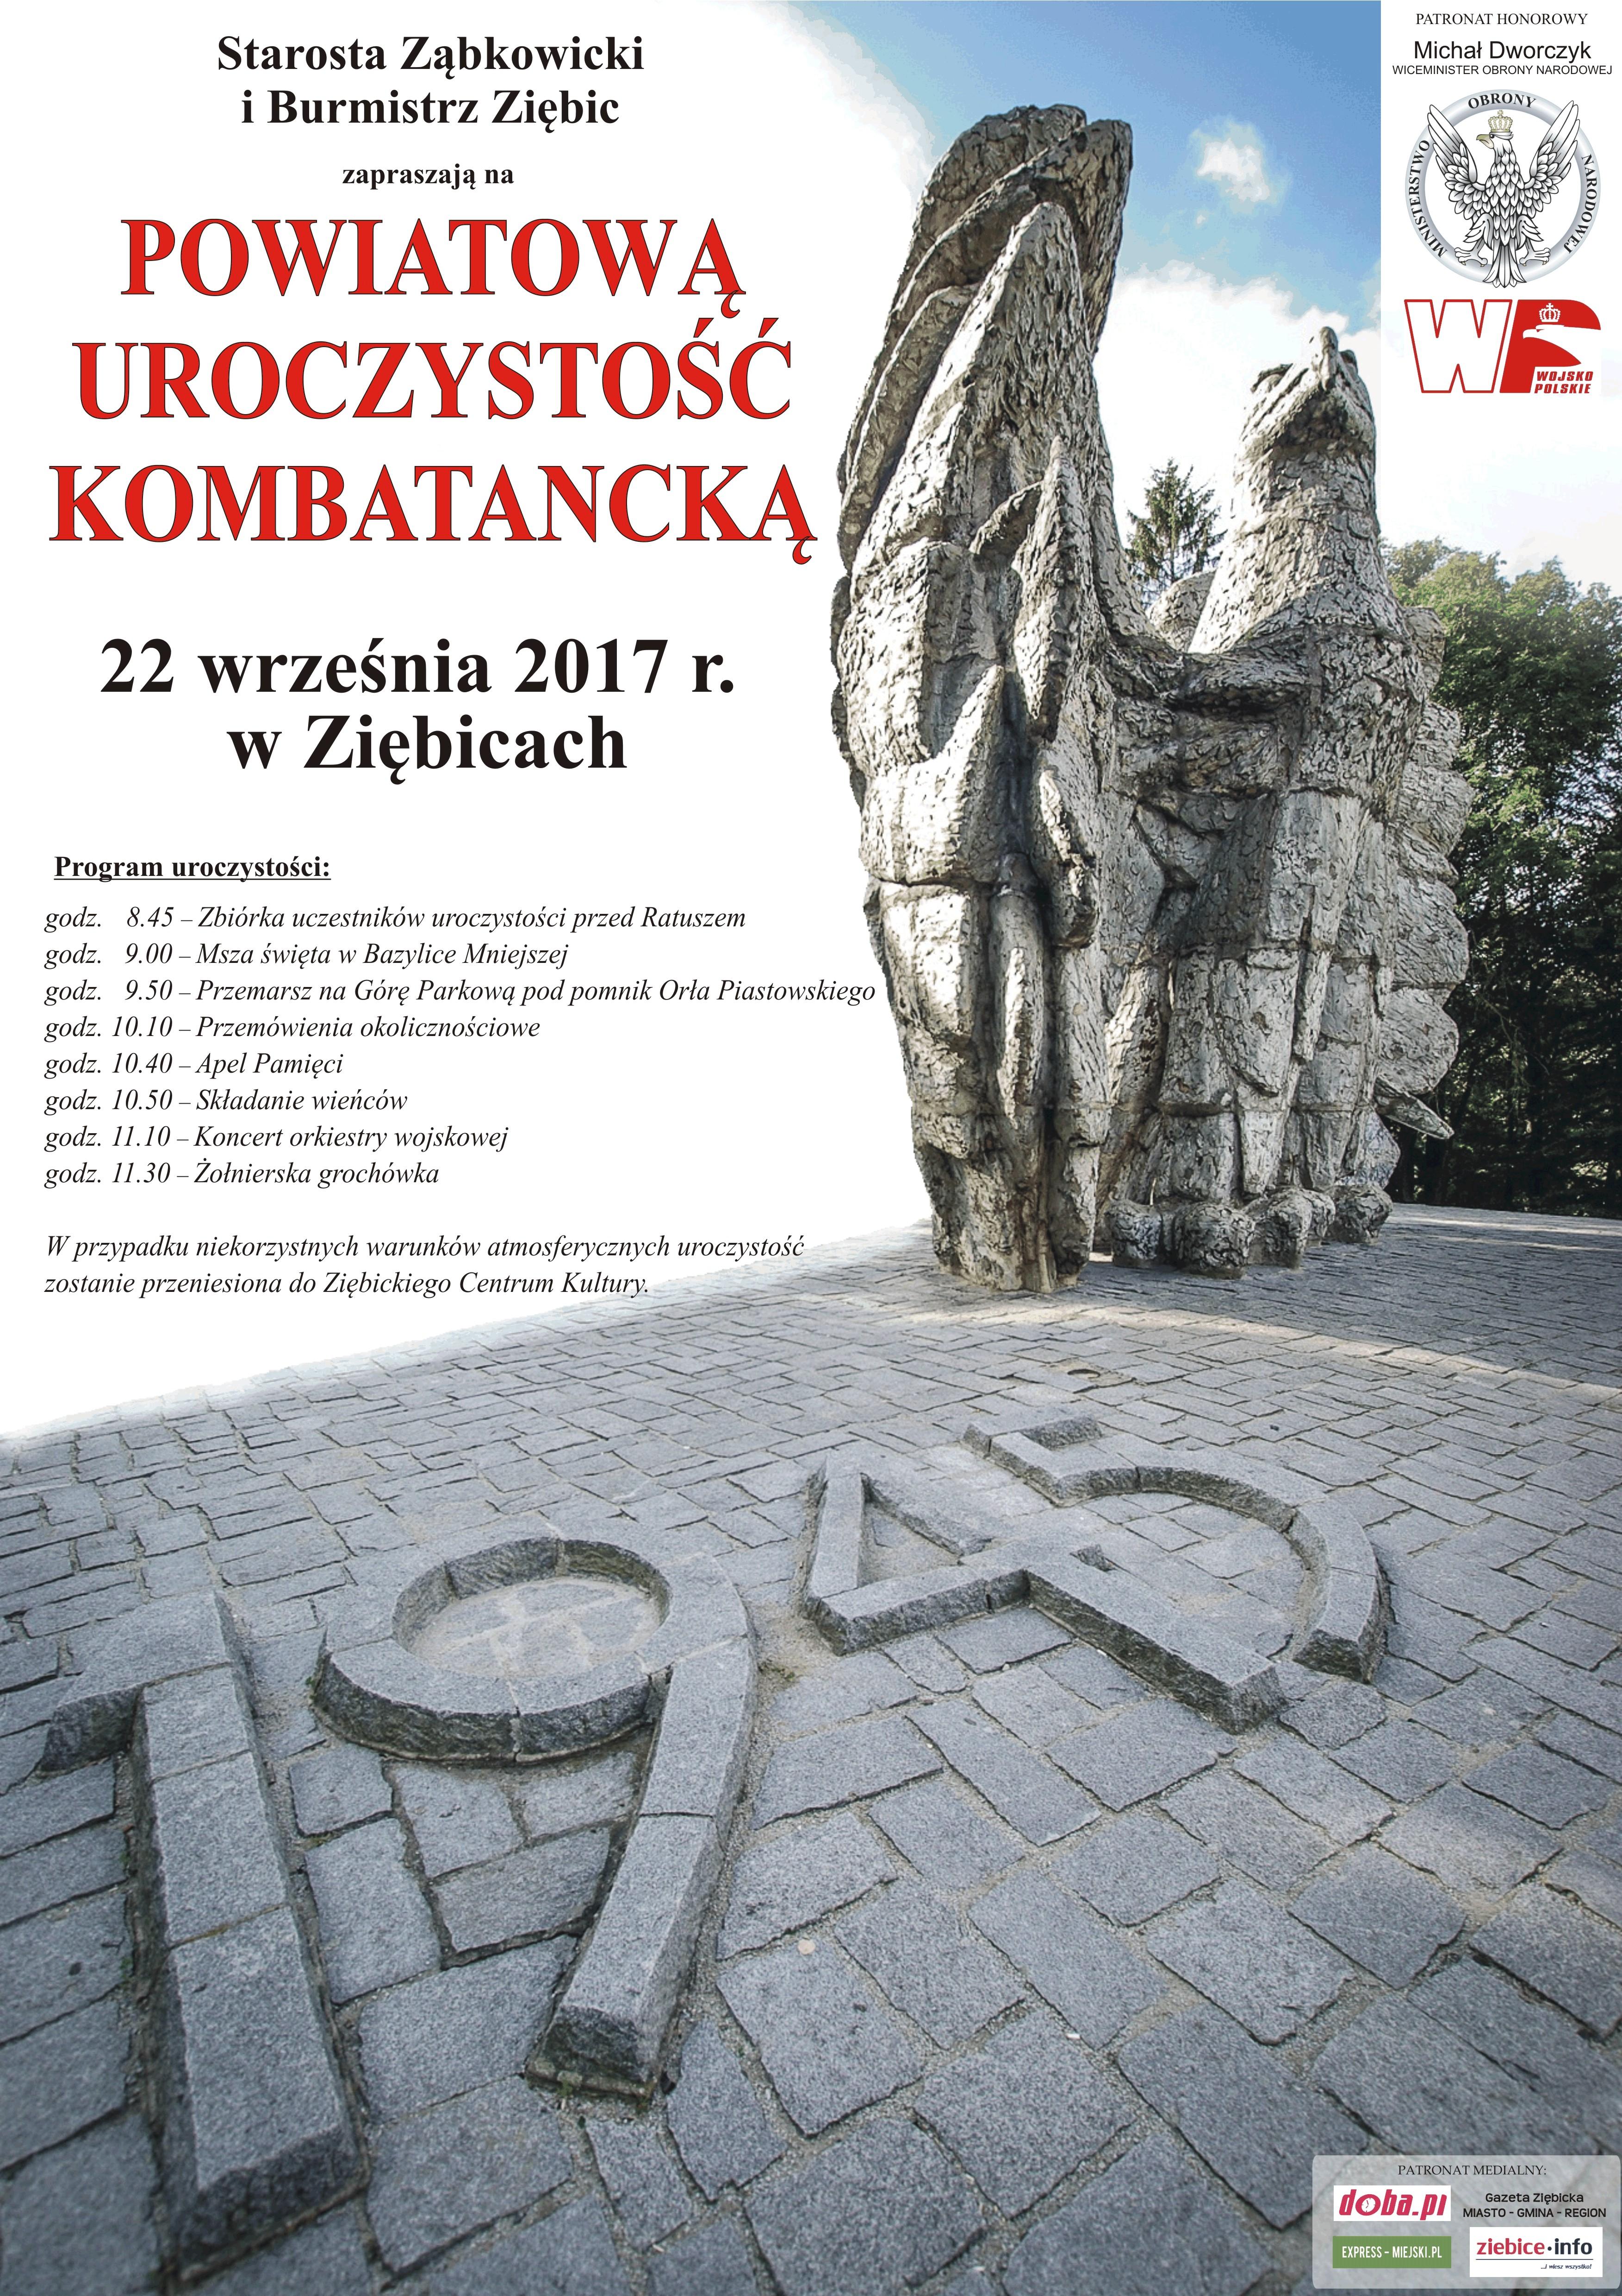 20170922_Powiatowa_Uroczystość_Kombatancka